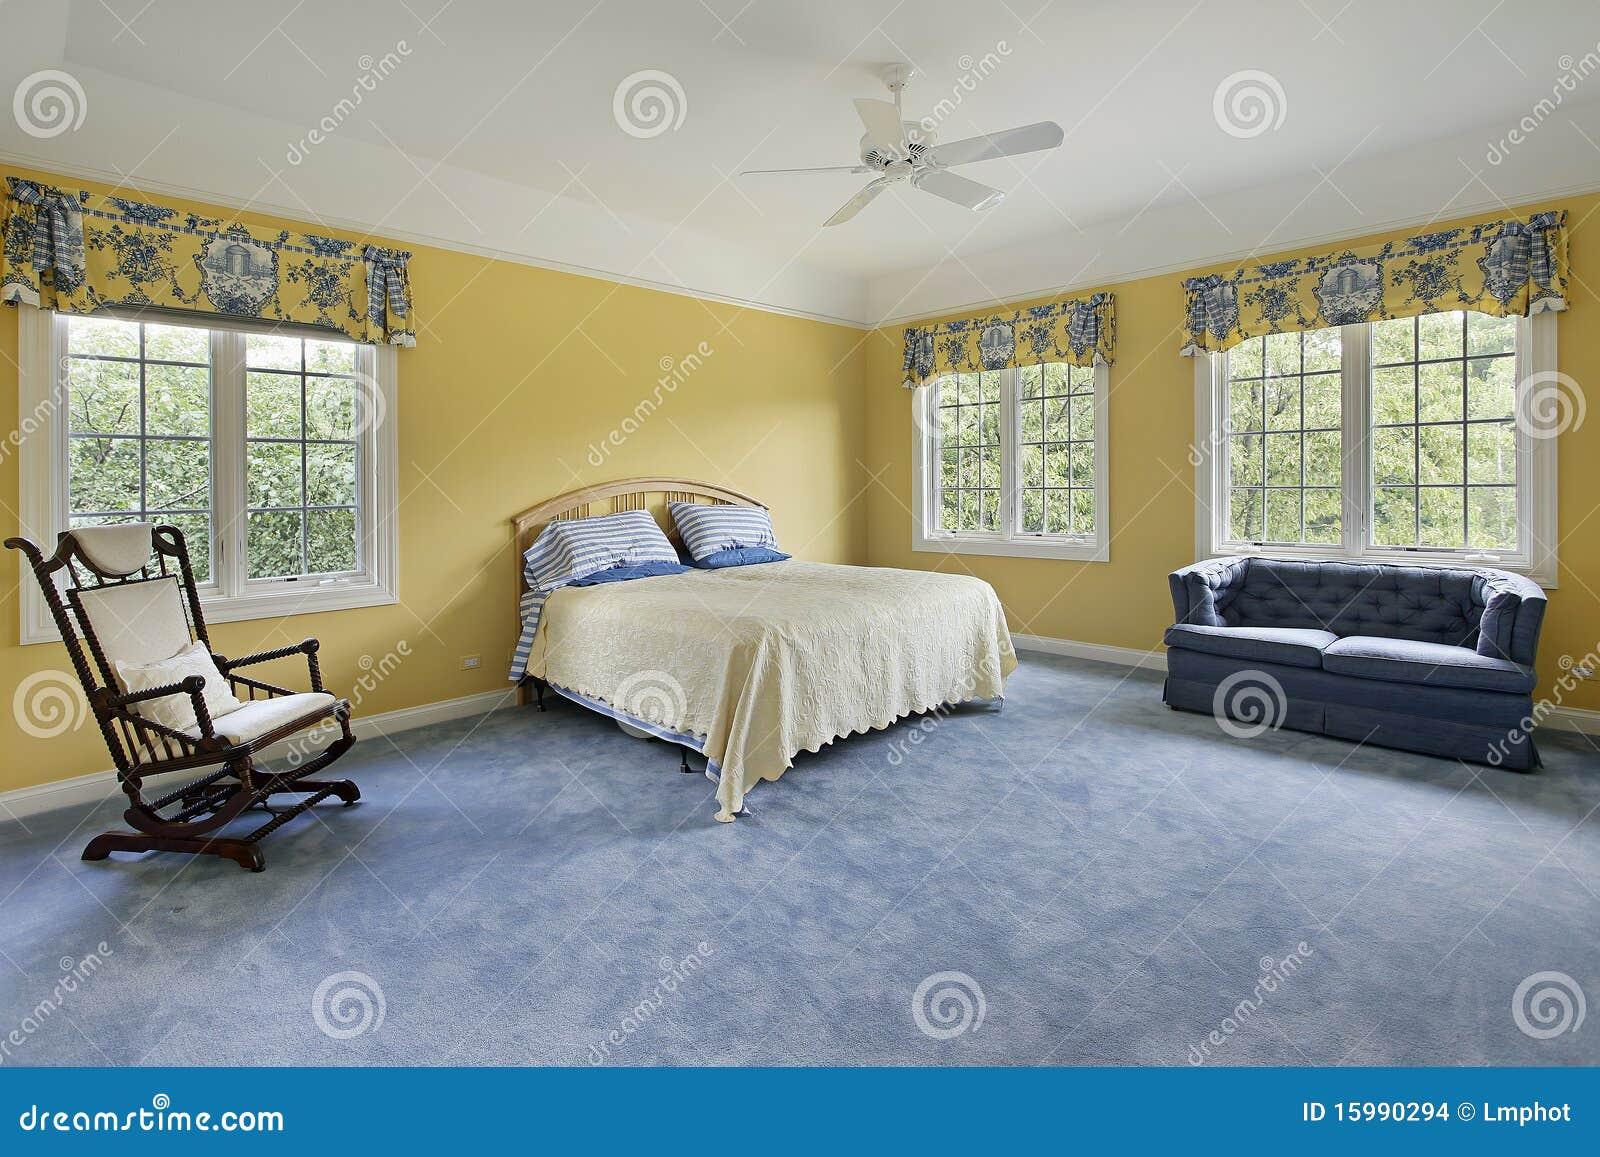 Camera da letto con le pareti gialle fotografia stock - Camera da letto egos ...